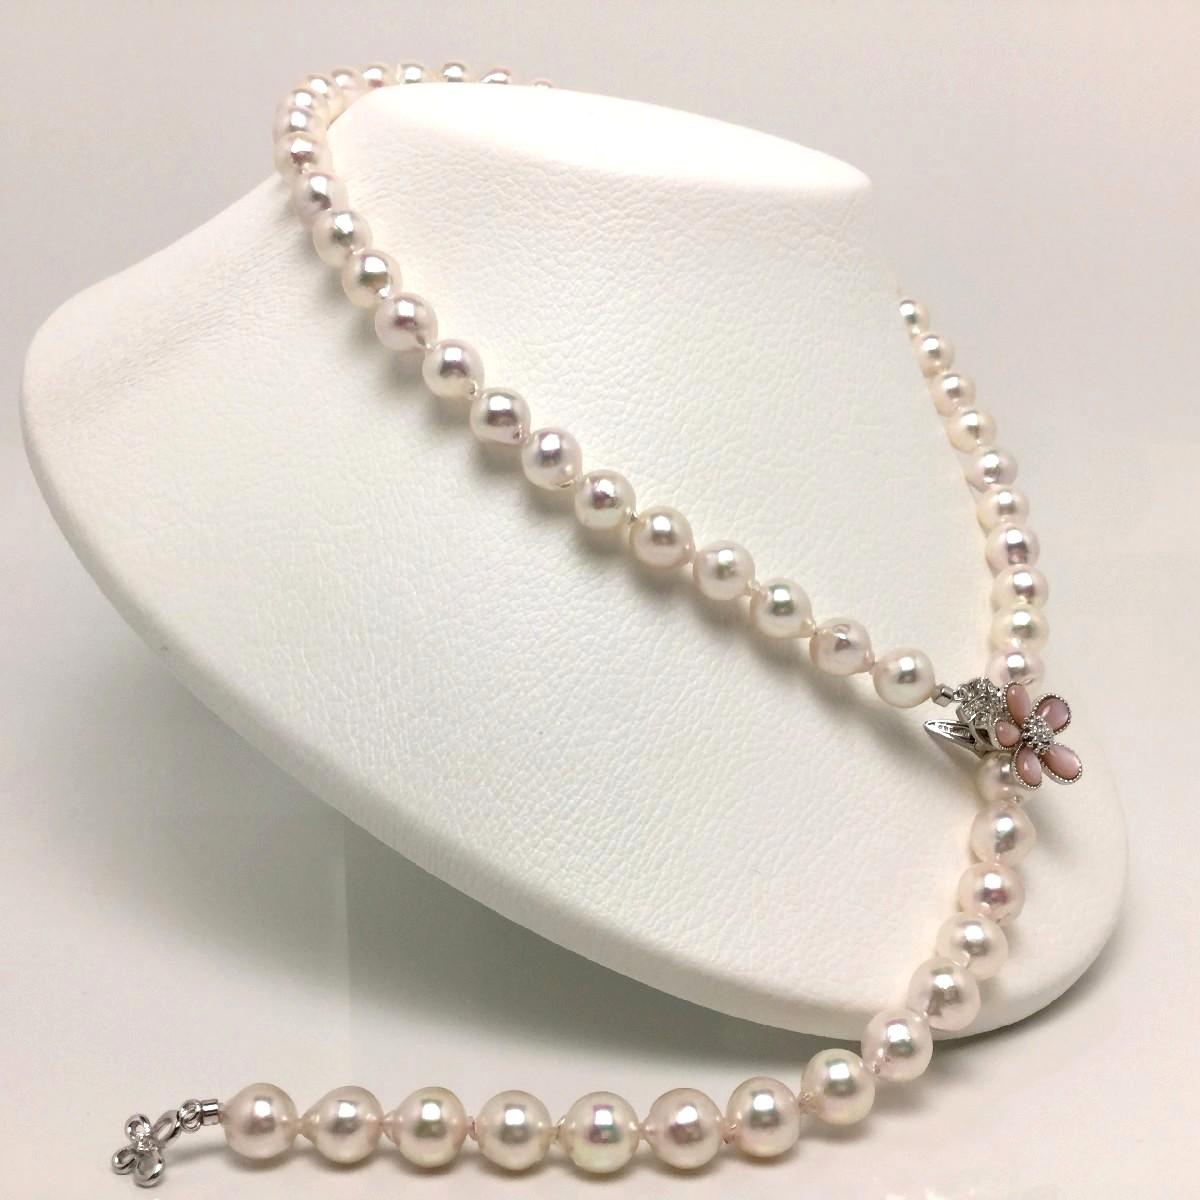 真珠 ネックレス パール アコヤ真珠 セミロング 9.0-9.5mm ホワイトピンク シルバー クリッカー シェル 66238 イソワパール